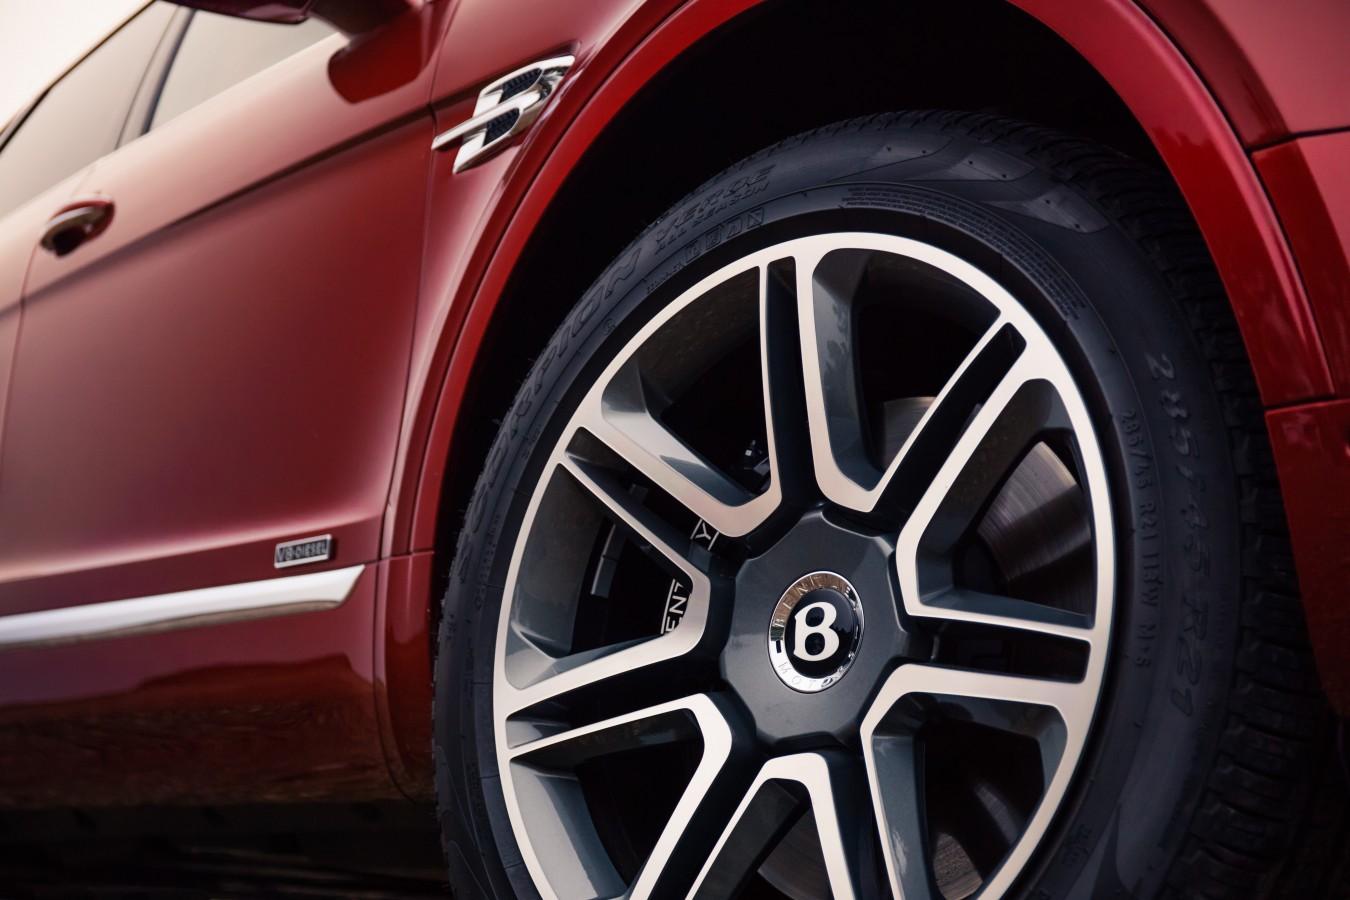 Новости компании - изображение Rubino_Red_017 на Bentleymoscow.ru!